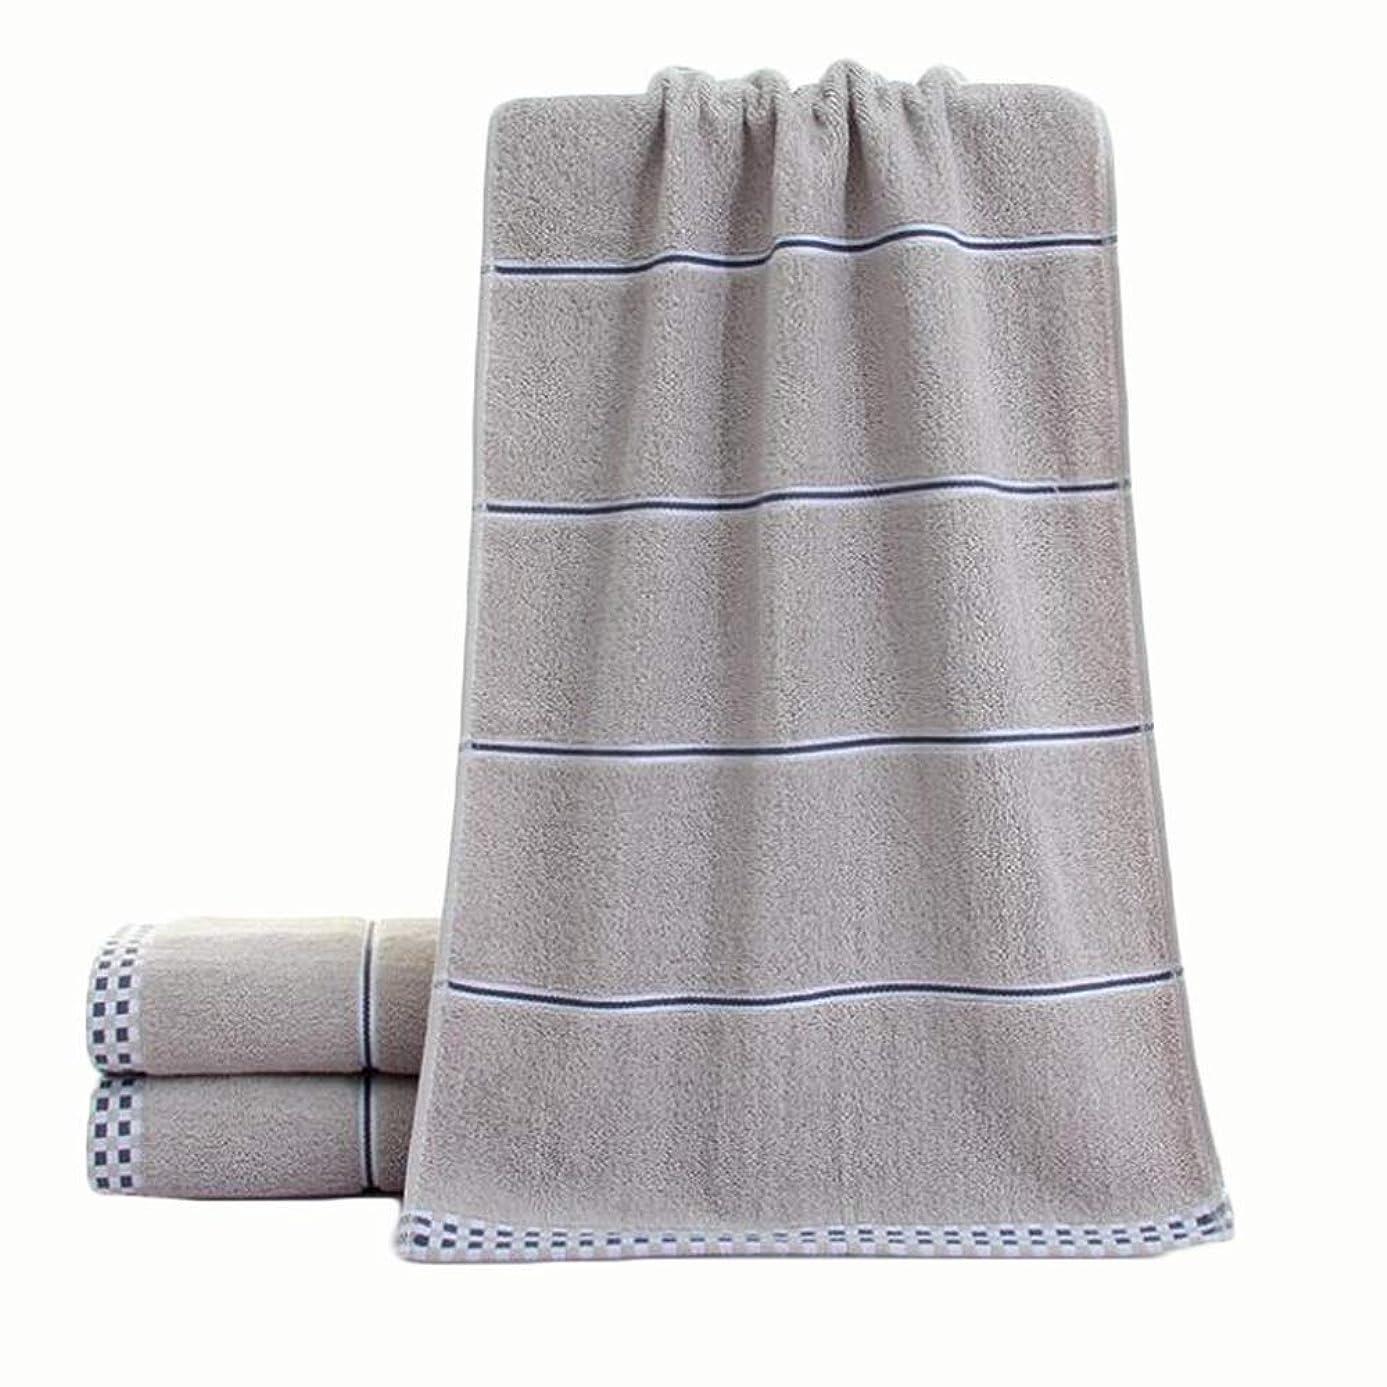 ズボン絶えずインスタンスCXUNKK 2PCS / LOT家庭用綿厚手綿吸収性タオル (Color : Gray)